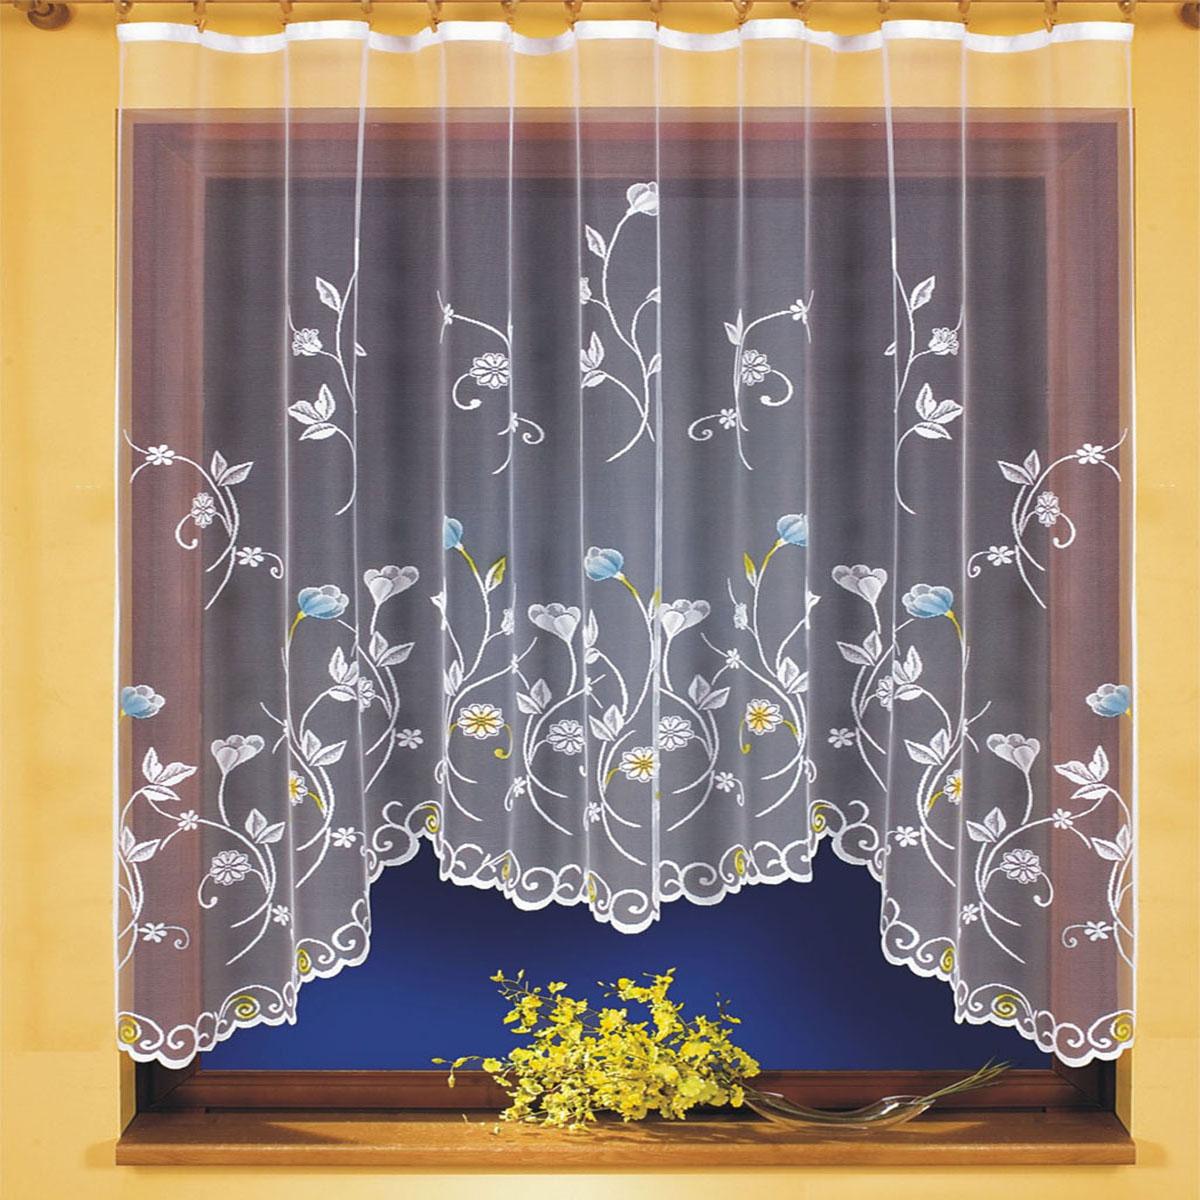 Штора для кухни Wisan, на ленте, цвет: белый, высота 160 см. 96989698Штора Wisan, выполненная из легкого полупрозрачного полиэстера белого цвета, станет великолепным украшением кухонного окна. Изделие имеет ассиметричную длину и красивый цветочный орнамент по всей поверхности полотна. Качественный материал и оригинальный дизайн привлекут к себе внимание и позволят шторе органично вписаться в интерьер помещения. Штора оснащена шторной лентой под зажимы для крепления на карниз.